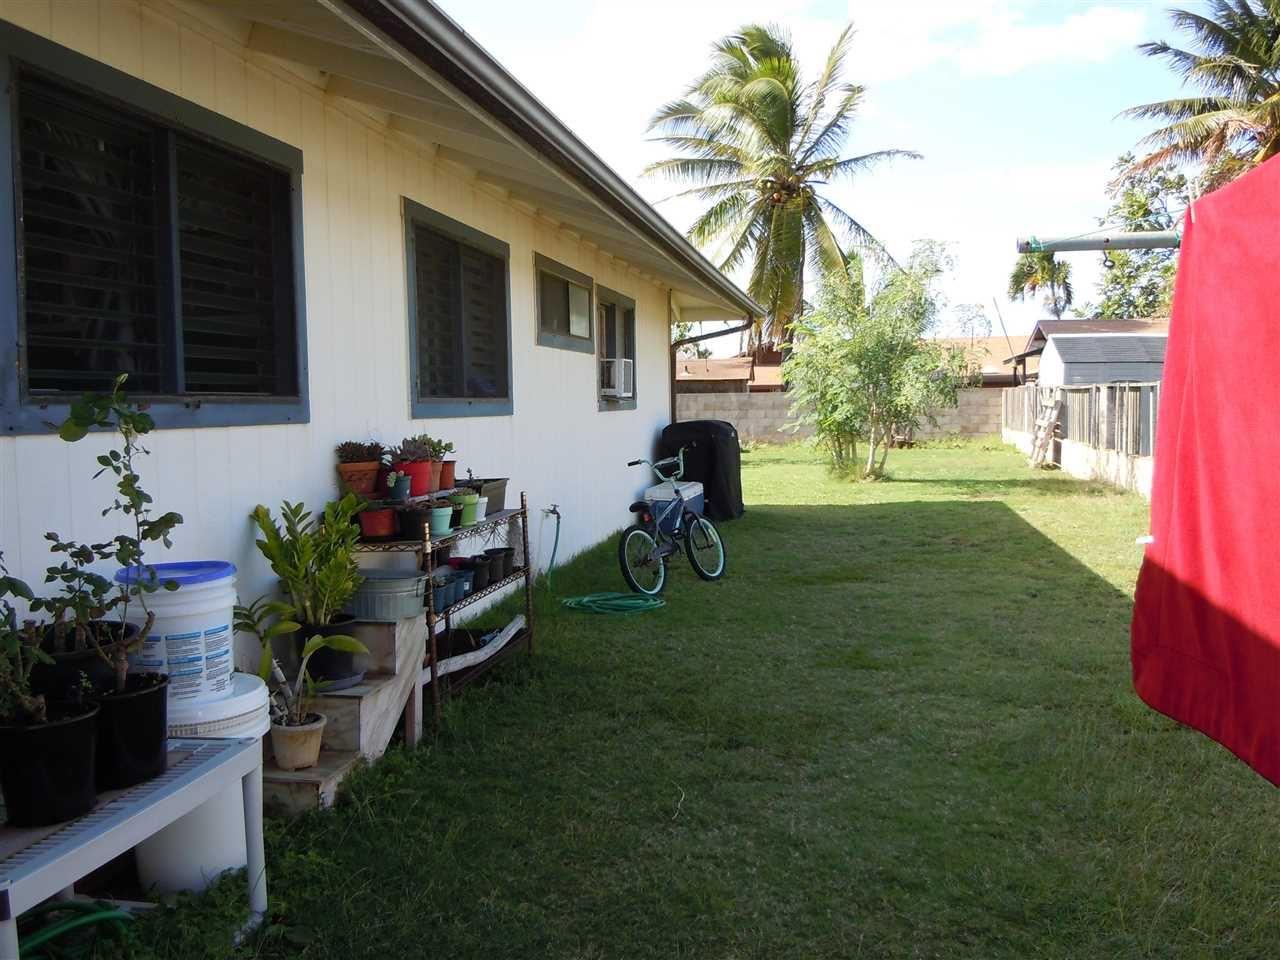 Photo of 890 Makalii St, Kahului, HI 96732 (MLS # 391741)